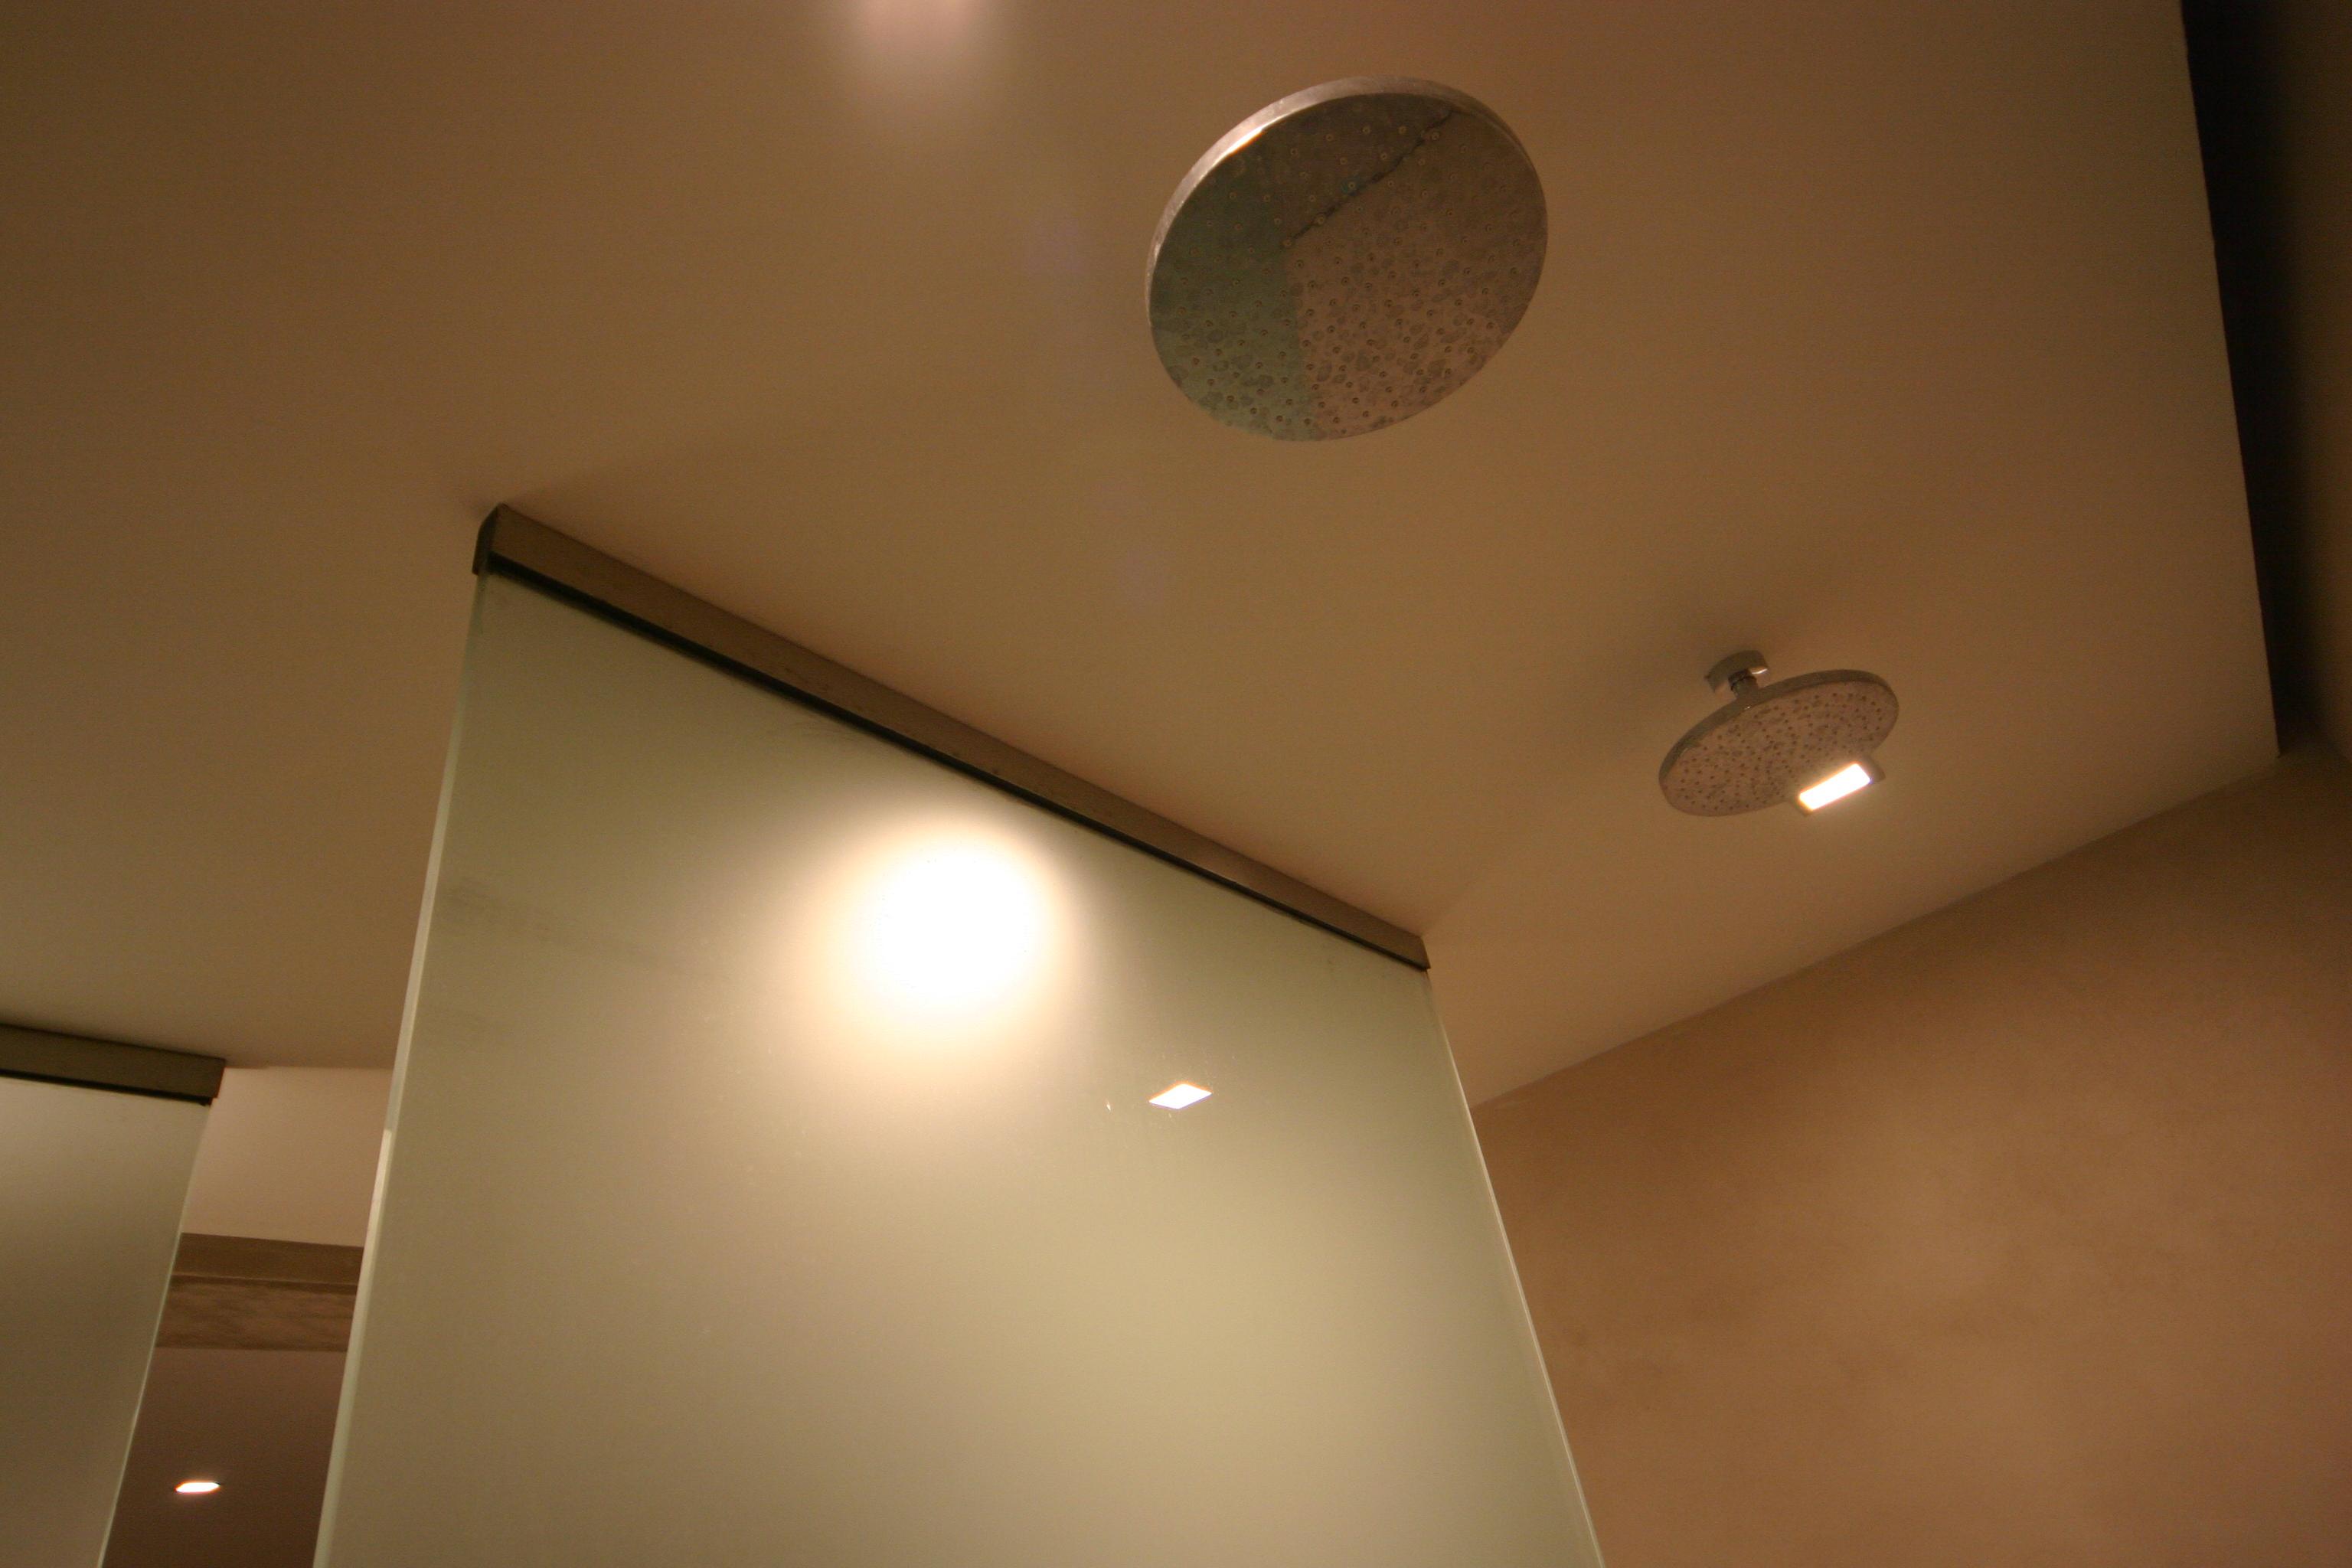 Gestuct Plafond Badkamer : Plafond badkamer stucen top with plafond badkamer stucen